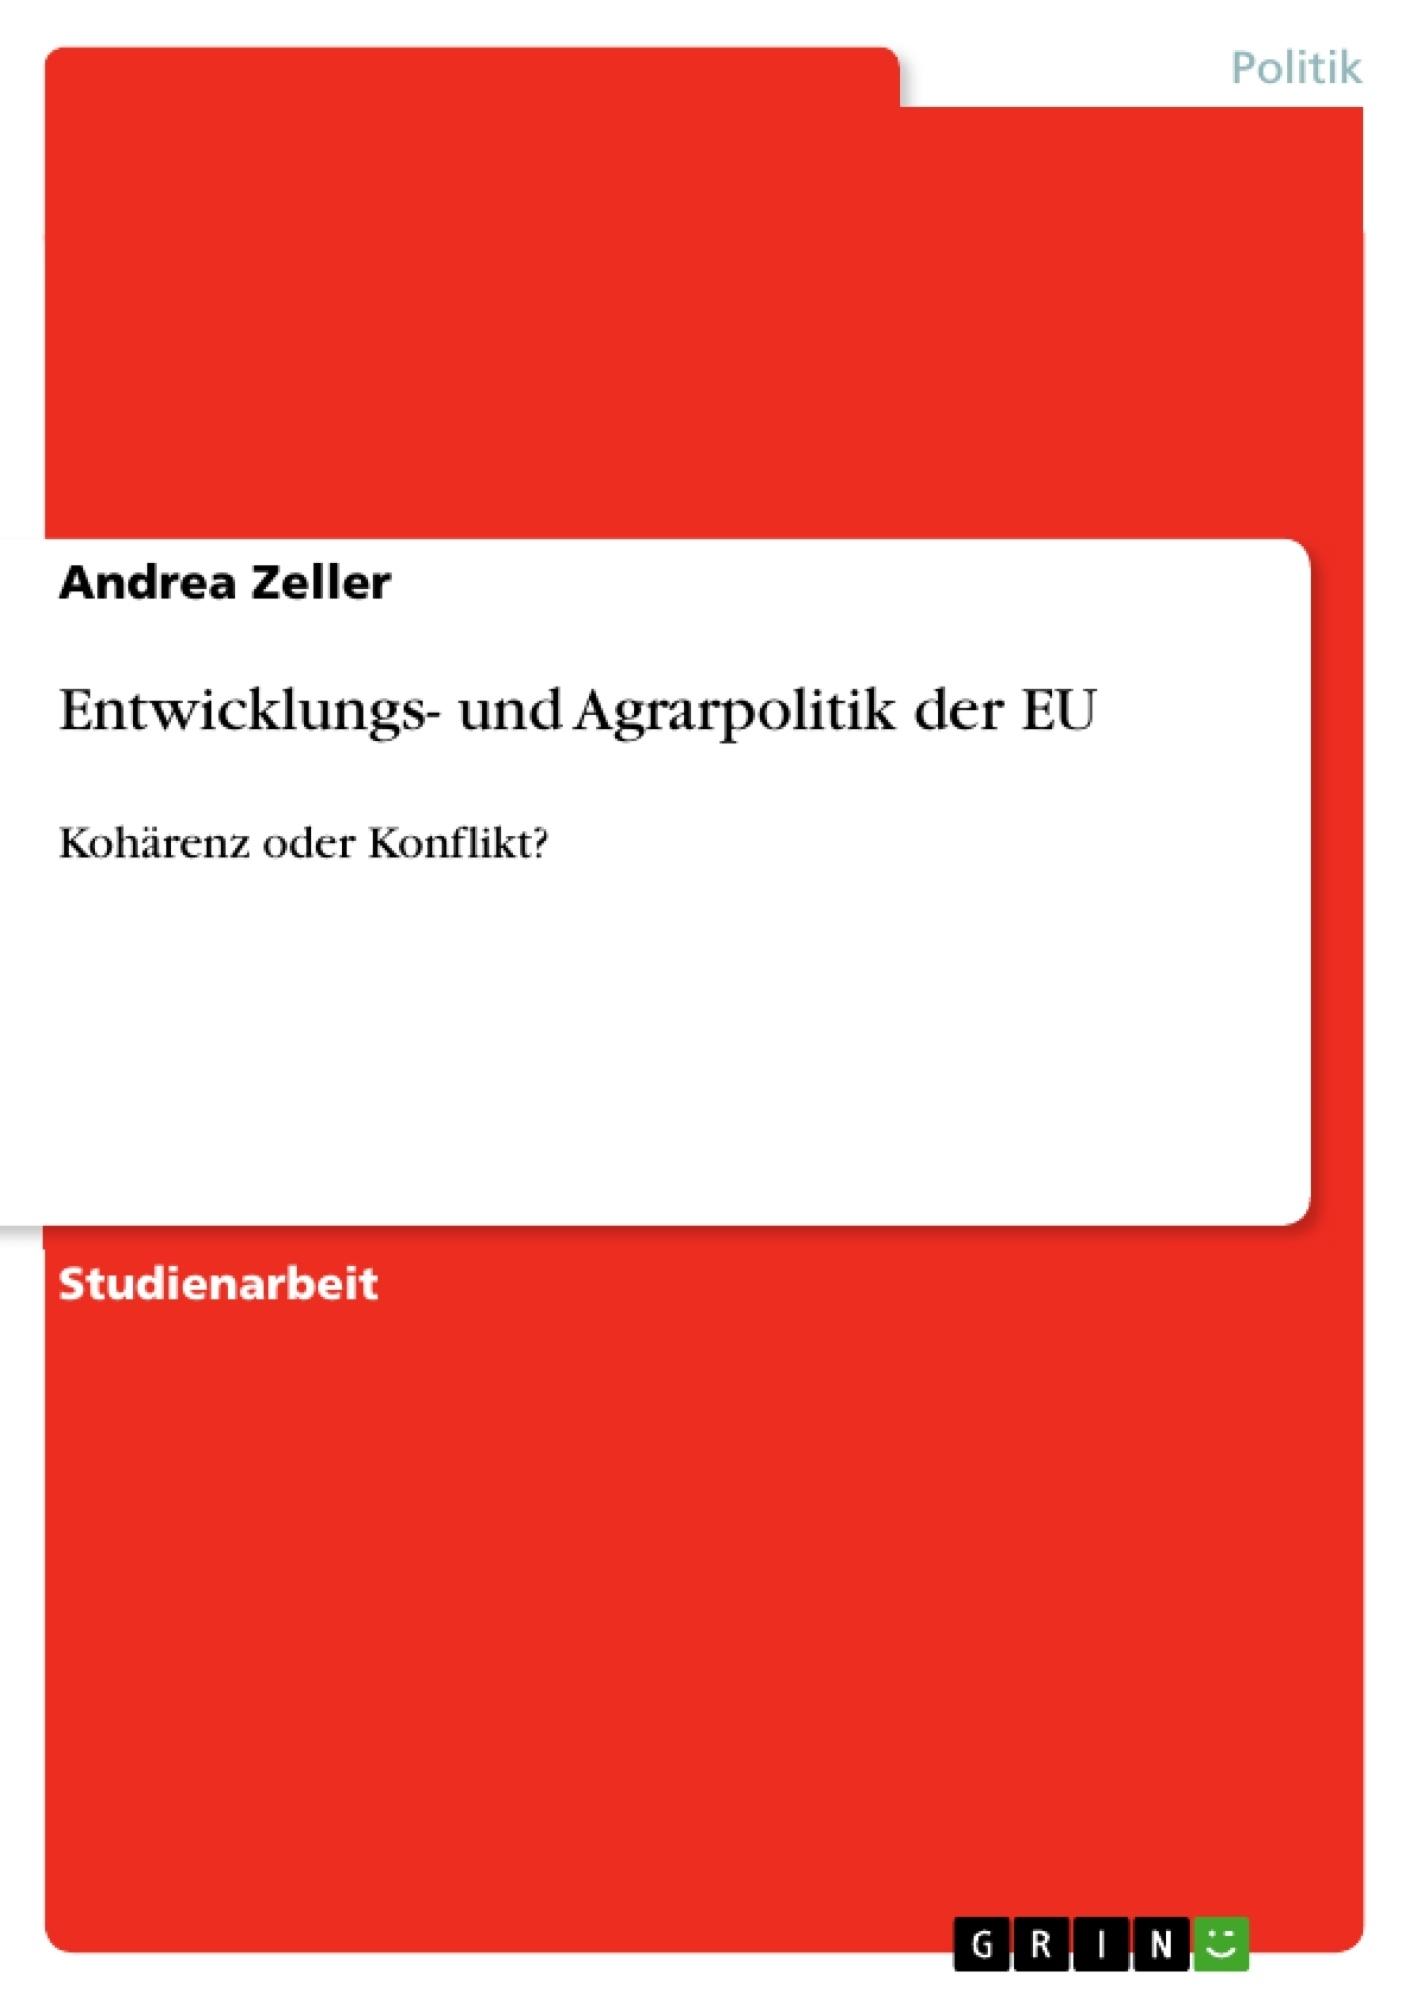 Titel: Entwicklungs- und Agrarpolitik der EU